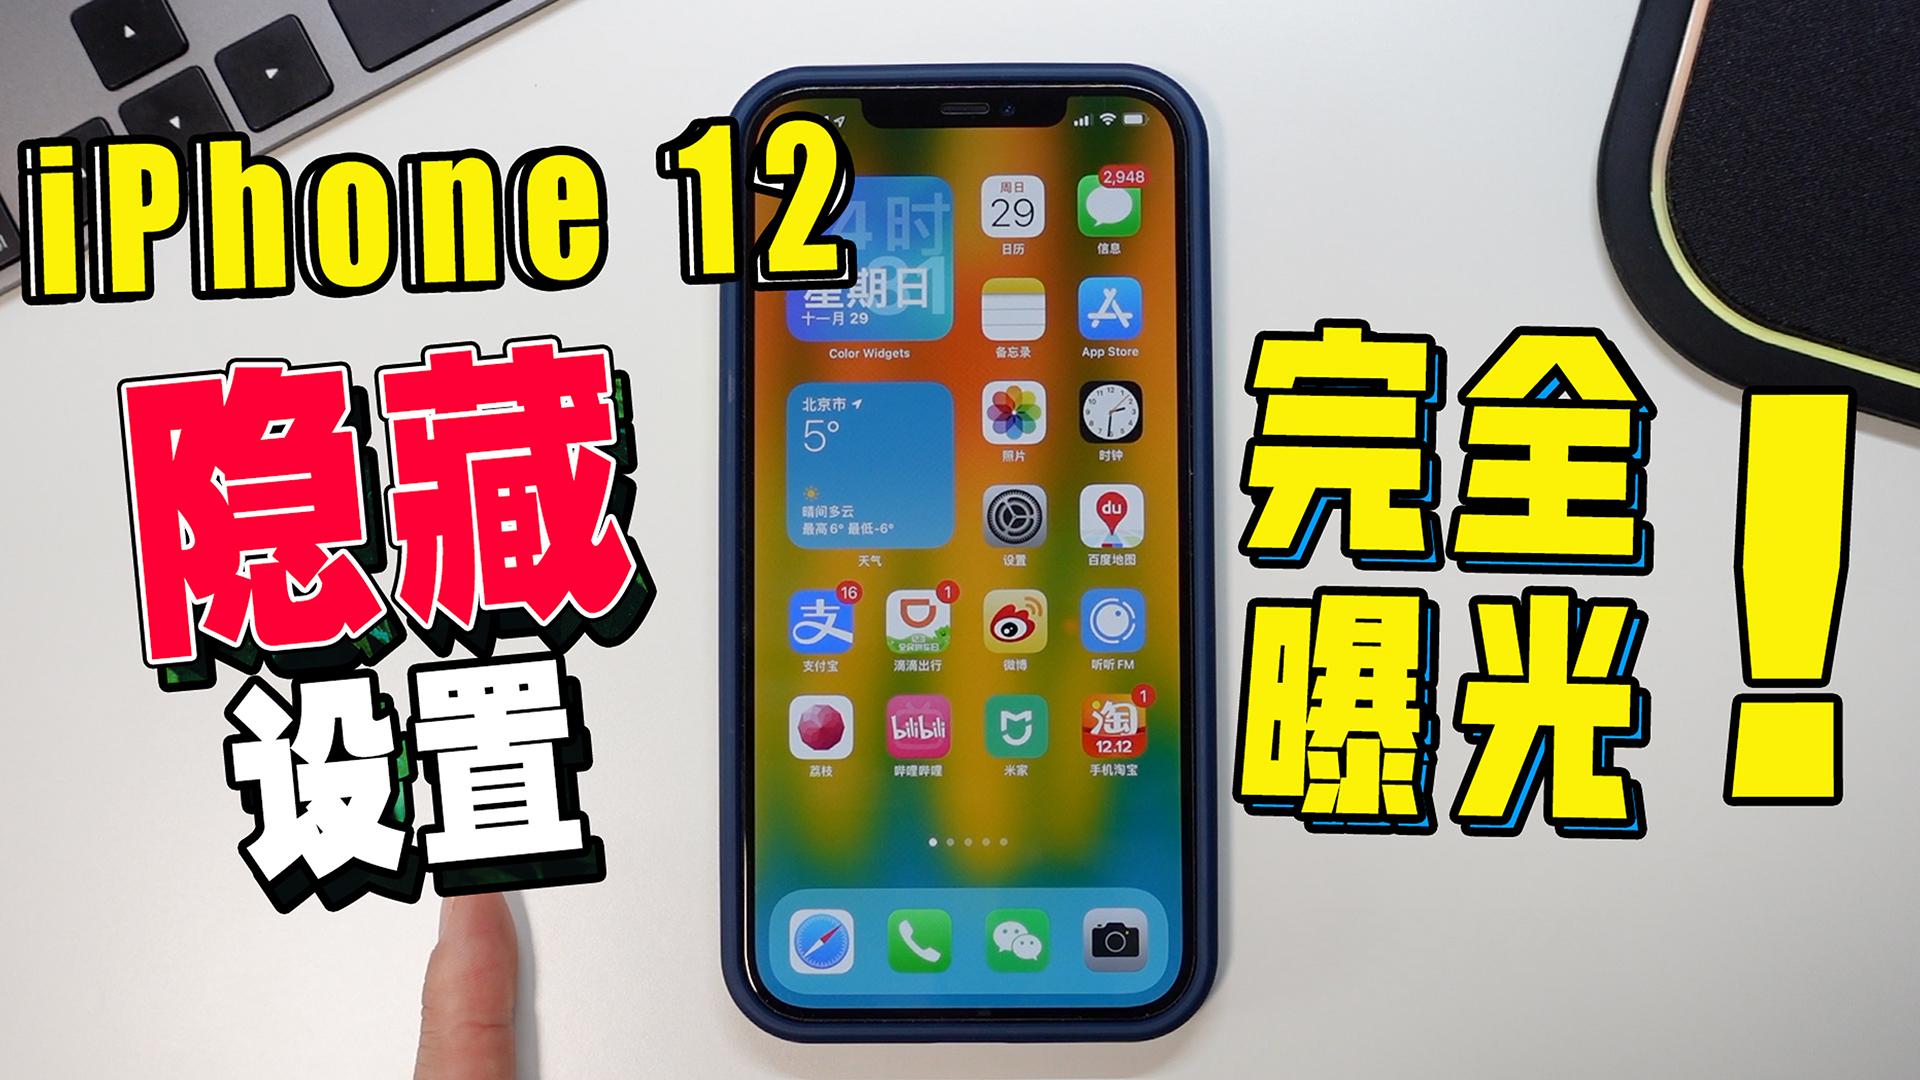 六里屯 | iPhone12 手机隐藏功能大揭秘!实用又好玩!